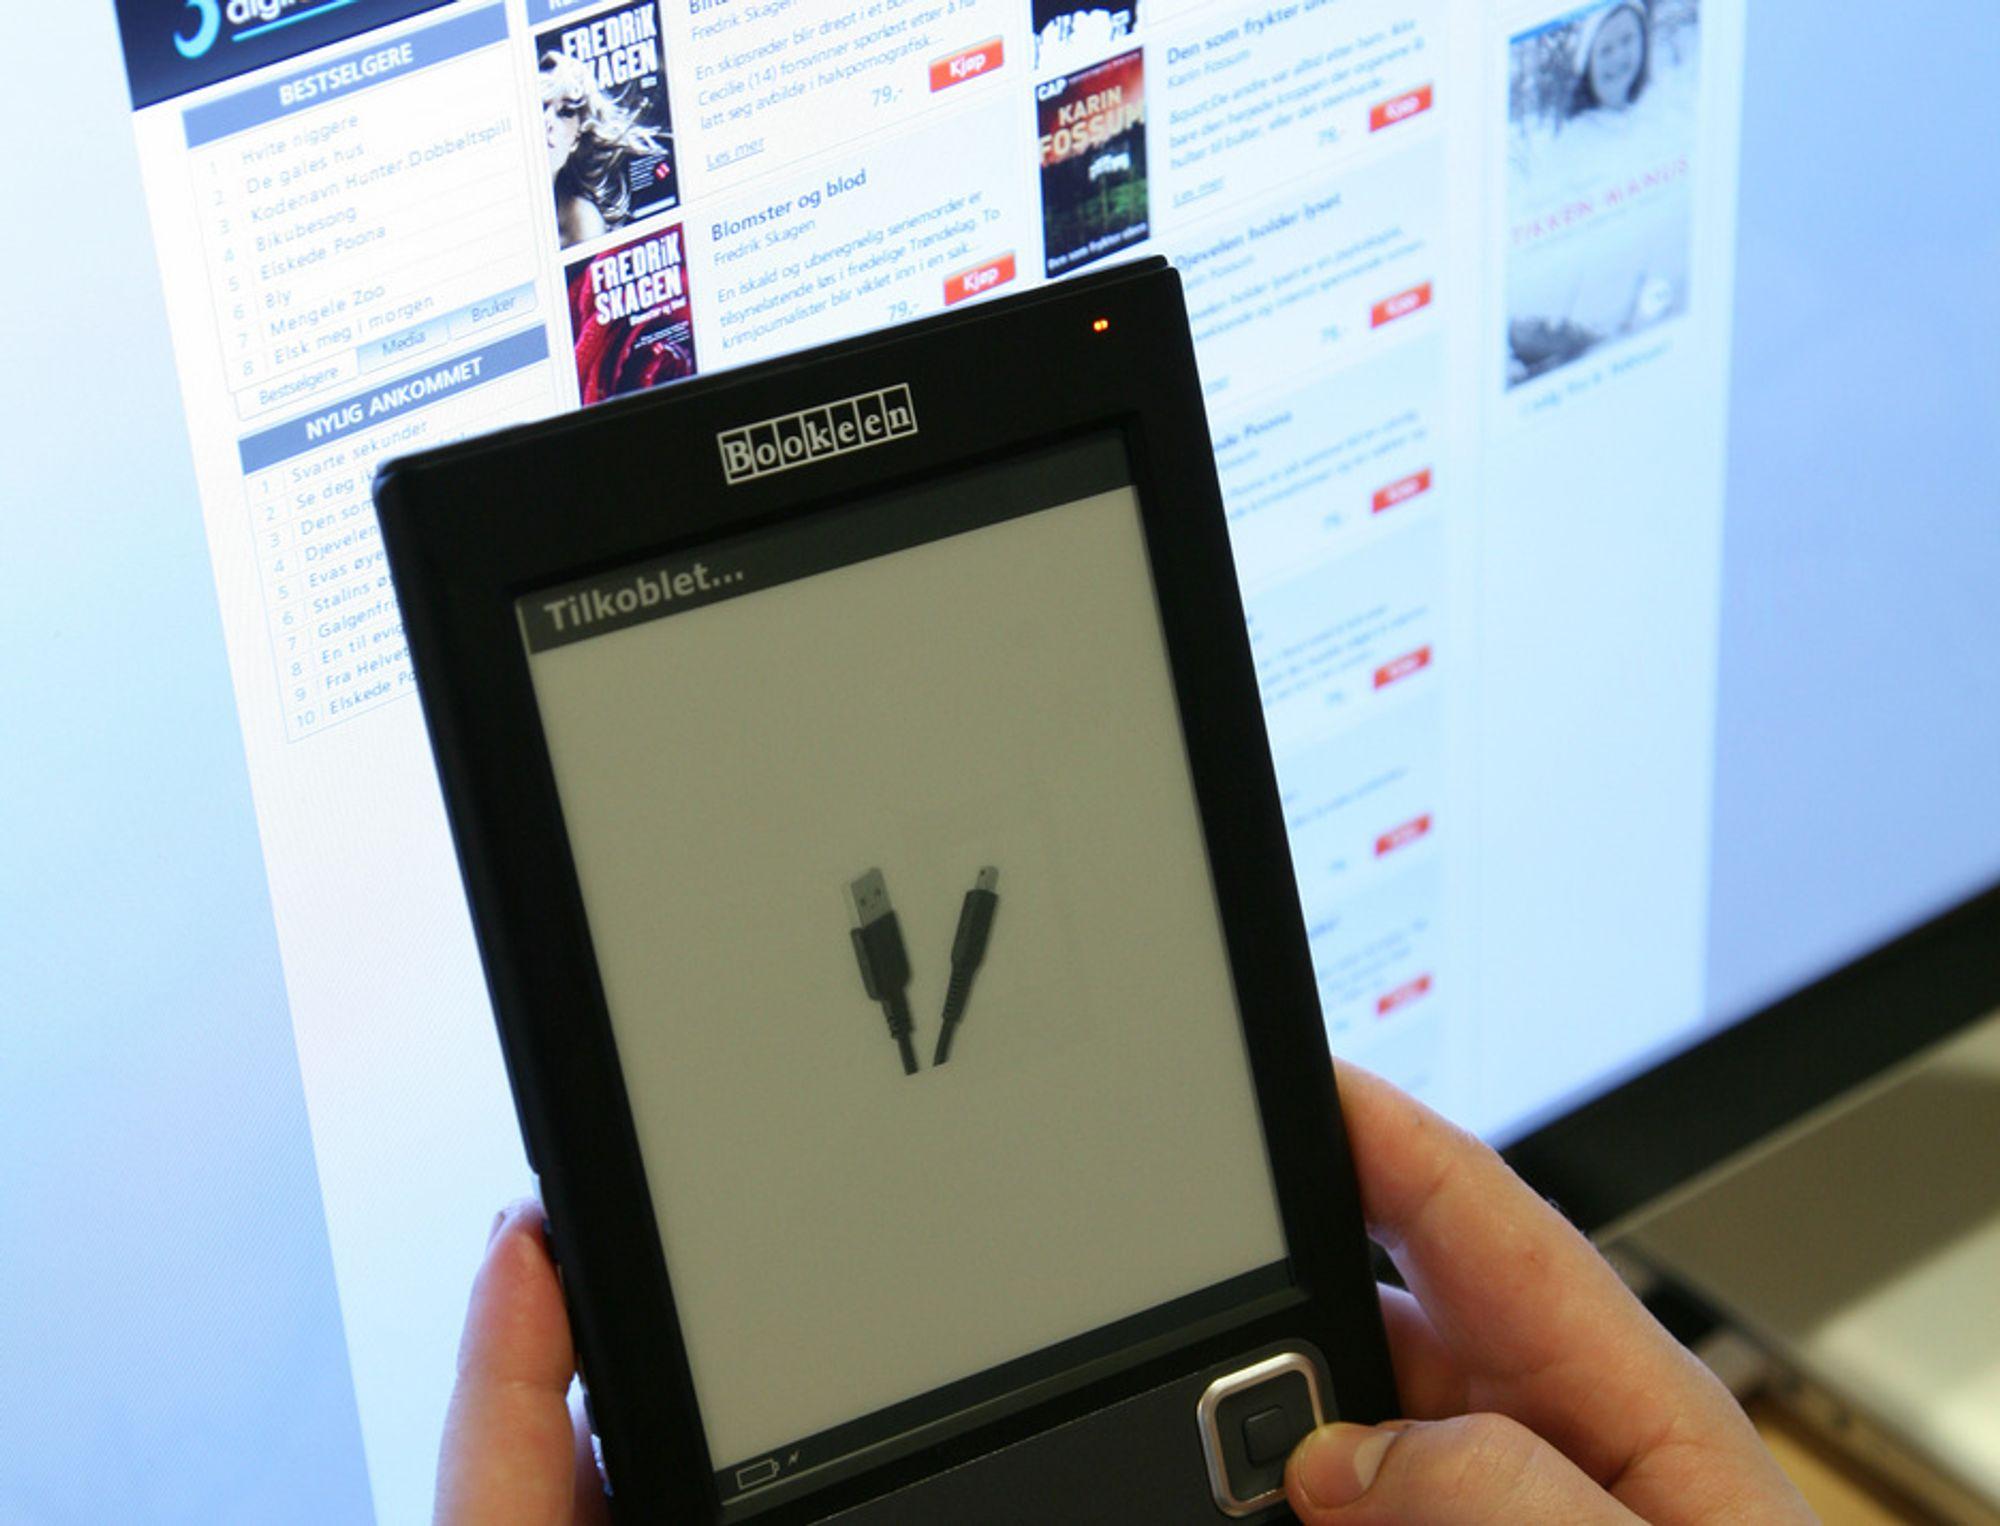 Nå får du også e-bøker på norsk.